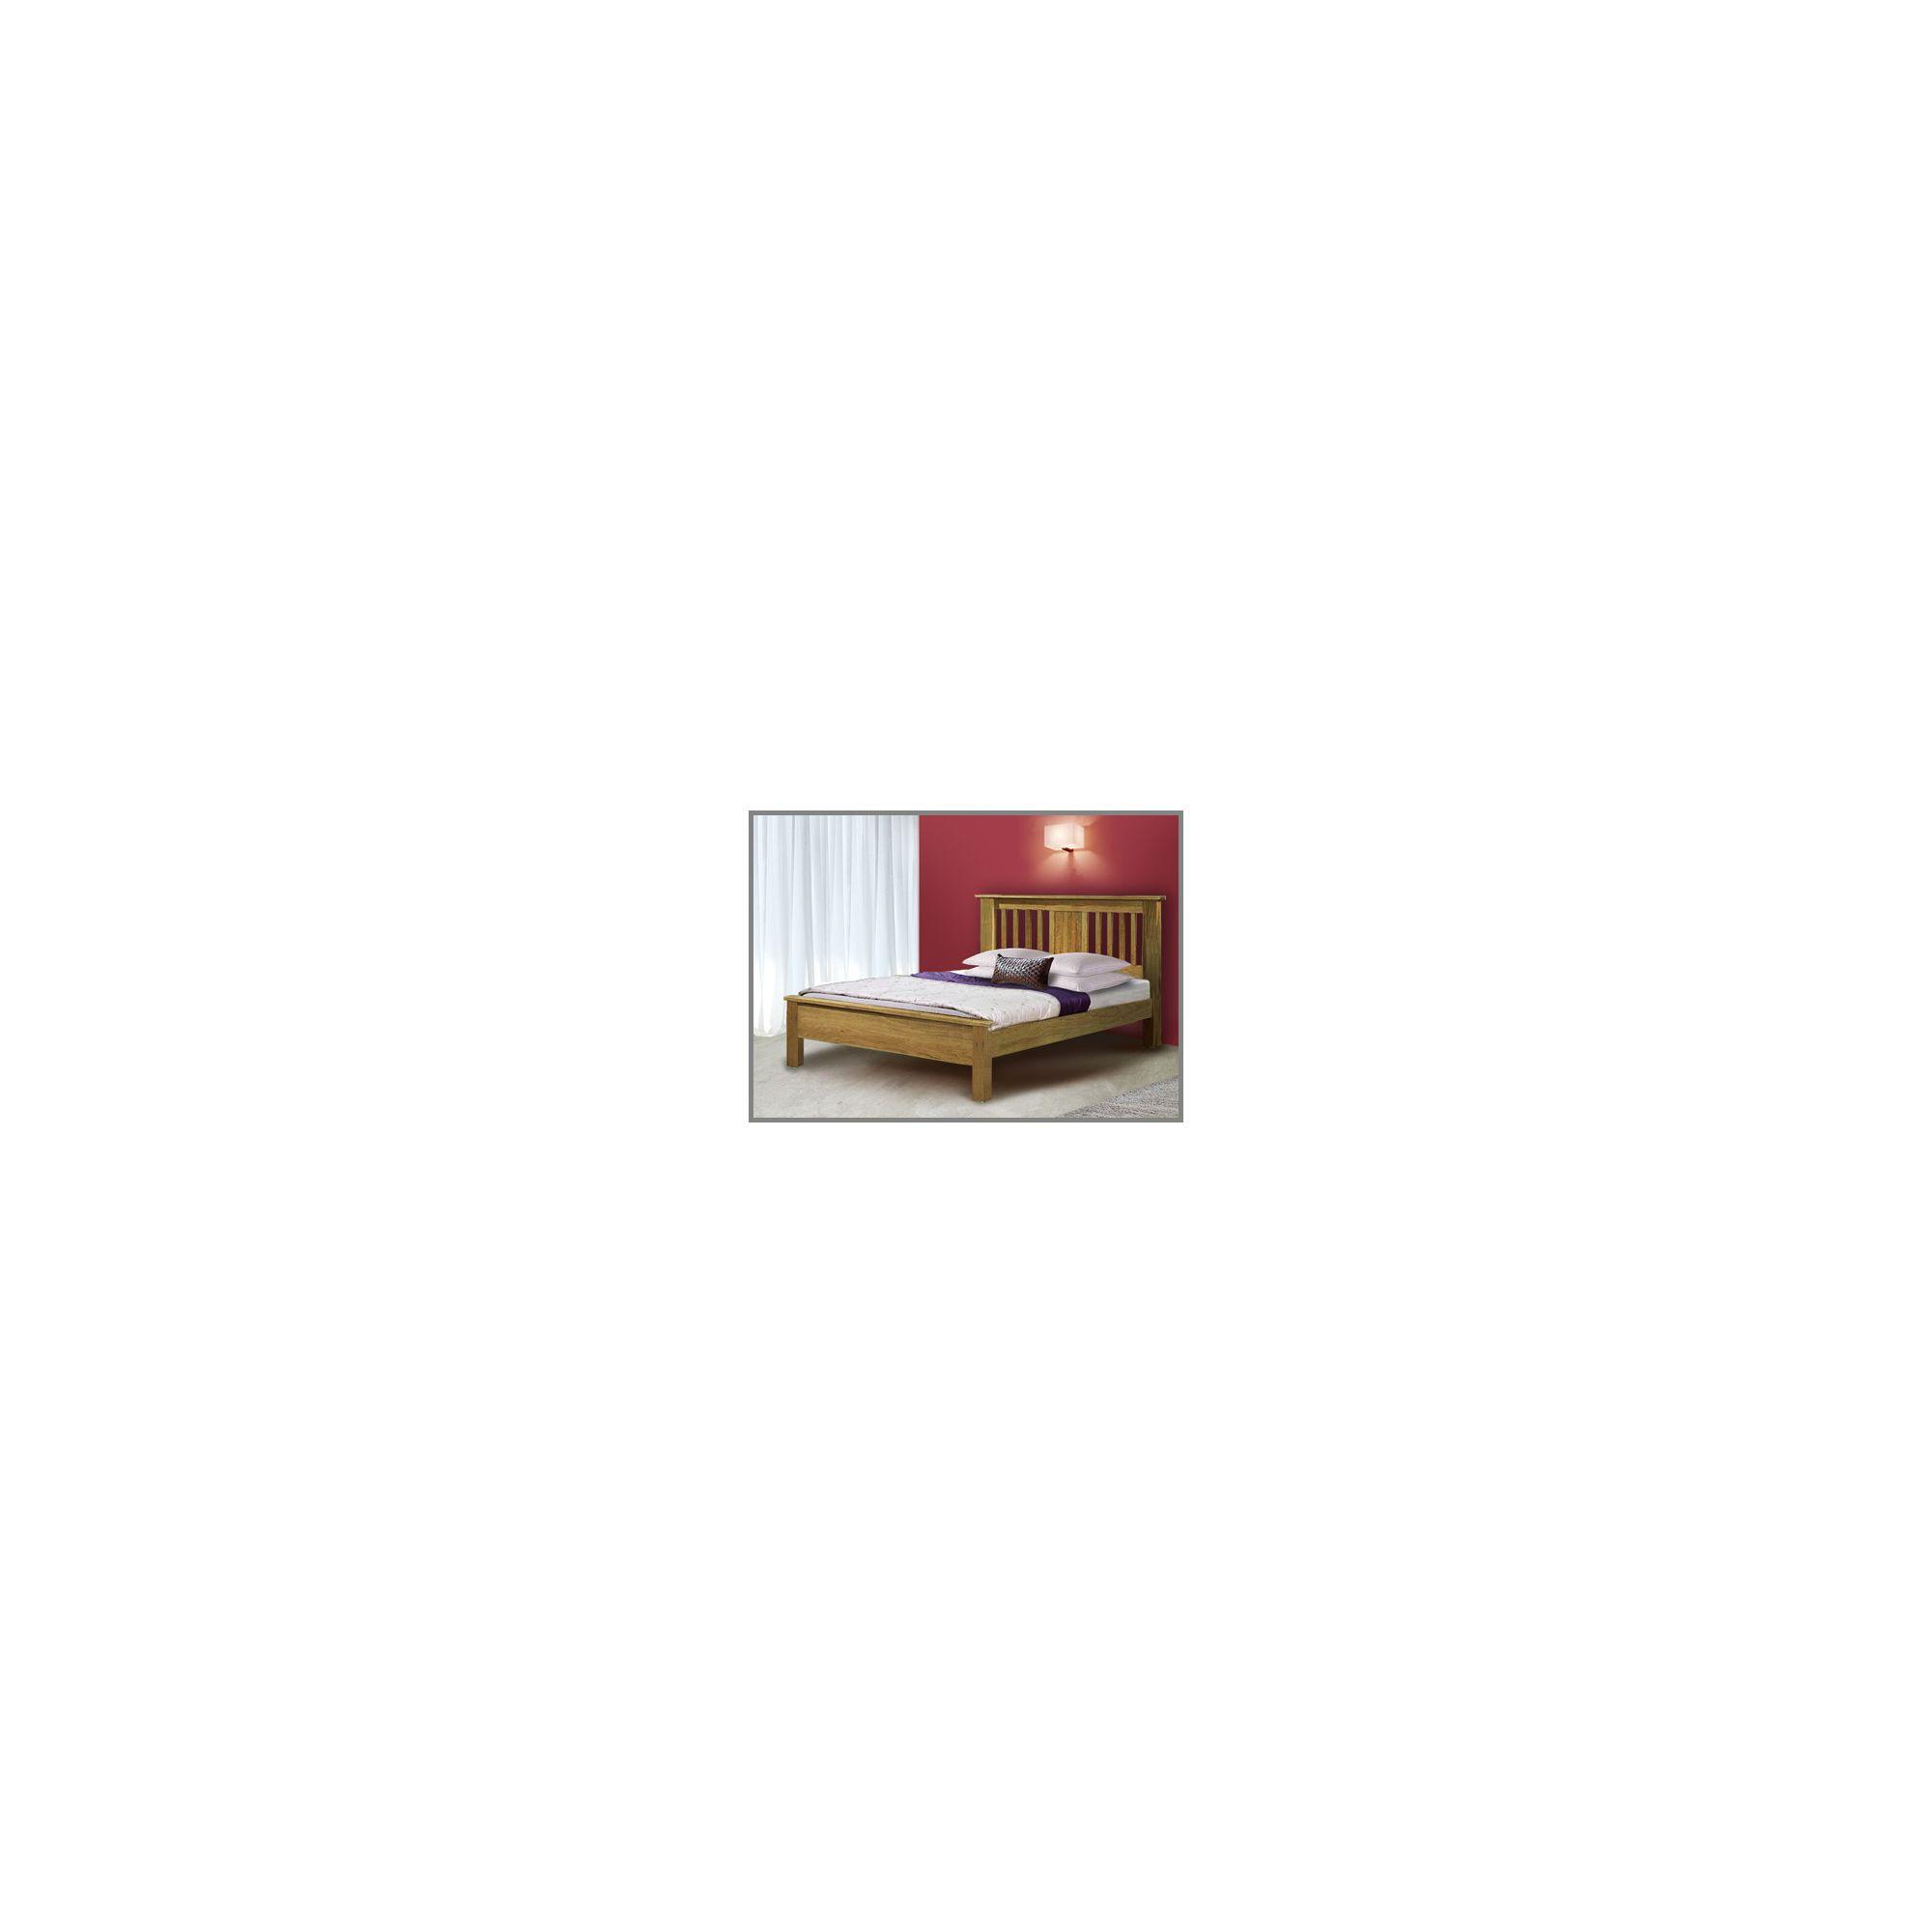 Flintshire Furniture Northop Bedstead in solid oak - Single - Without Drawer at Tesco Direct